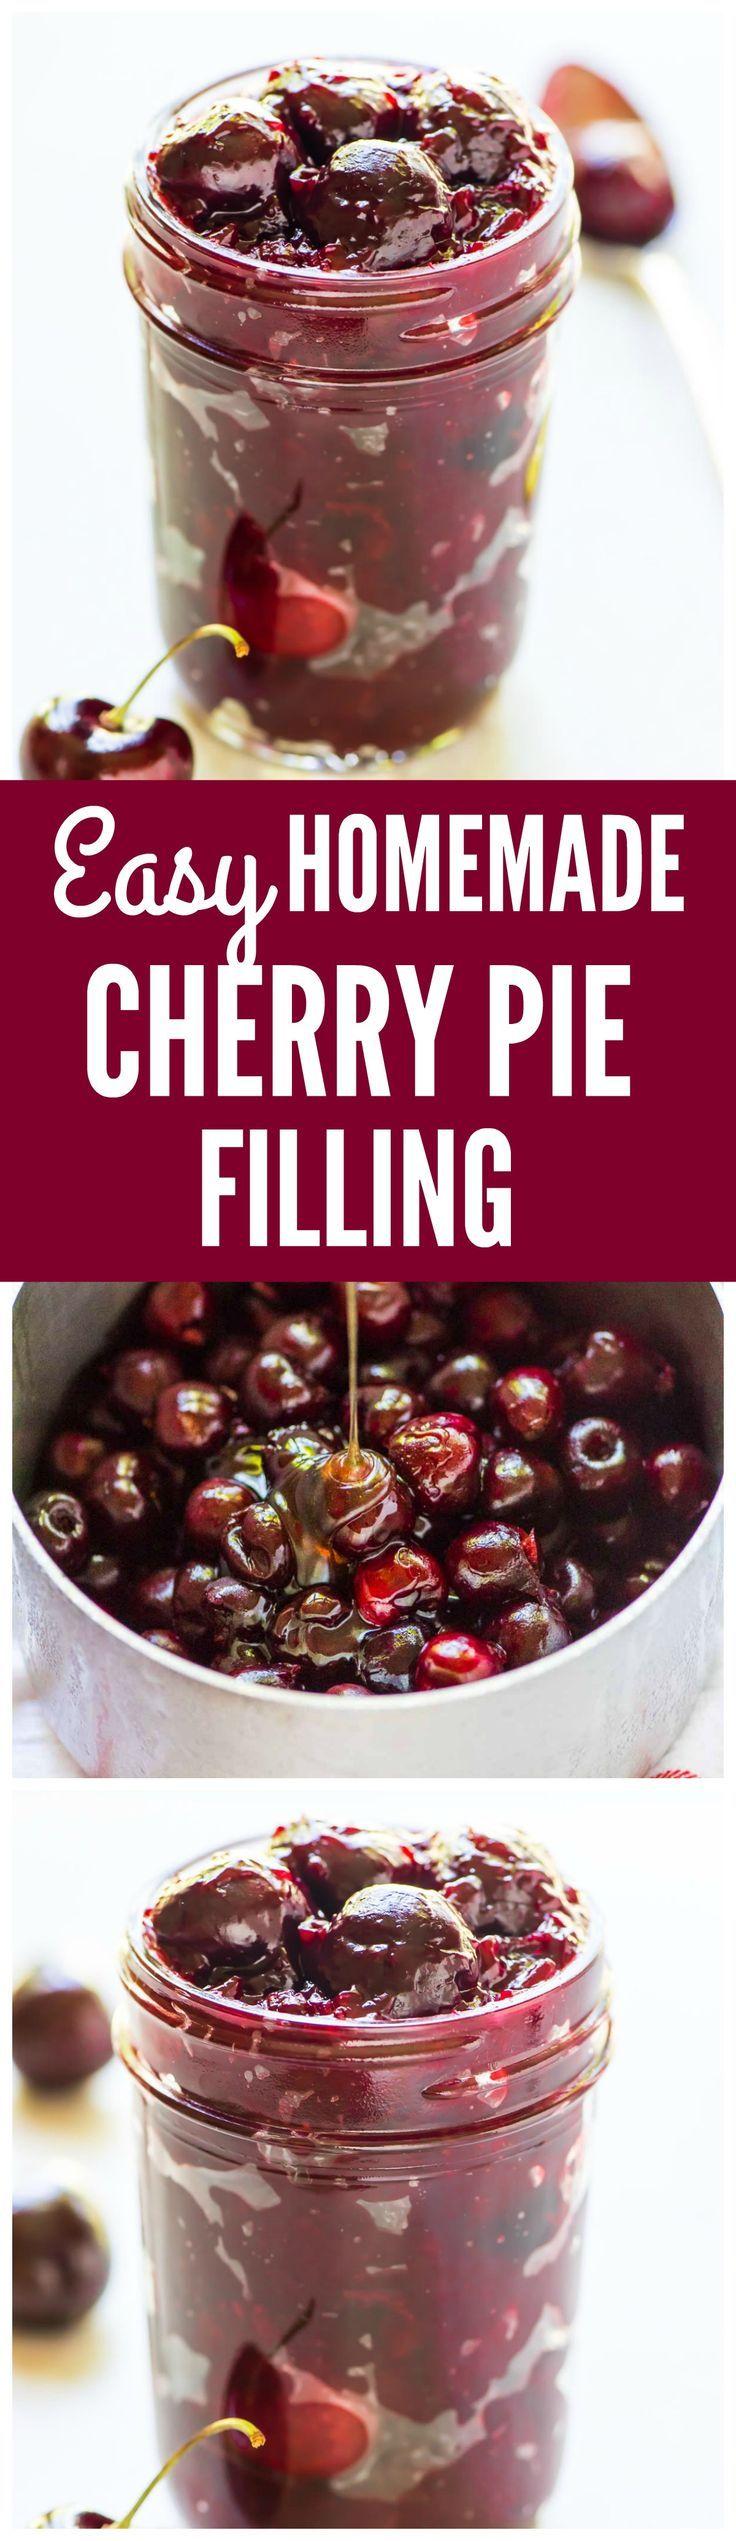 Easy Homemade Cherry Pie Filling Homemade Cherry Pies Cherry Pie Filling Cherry Pie Filling Recipes